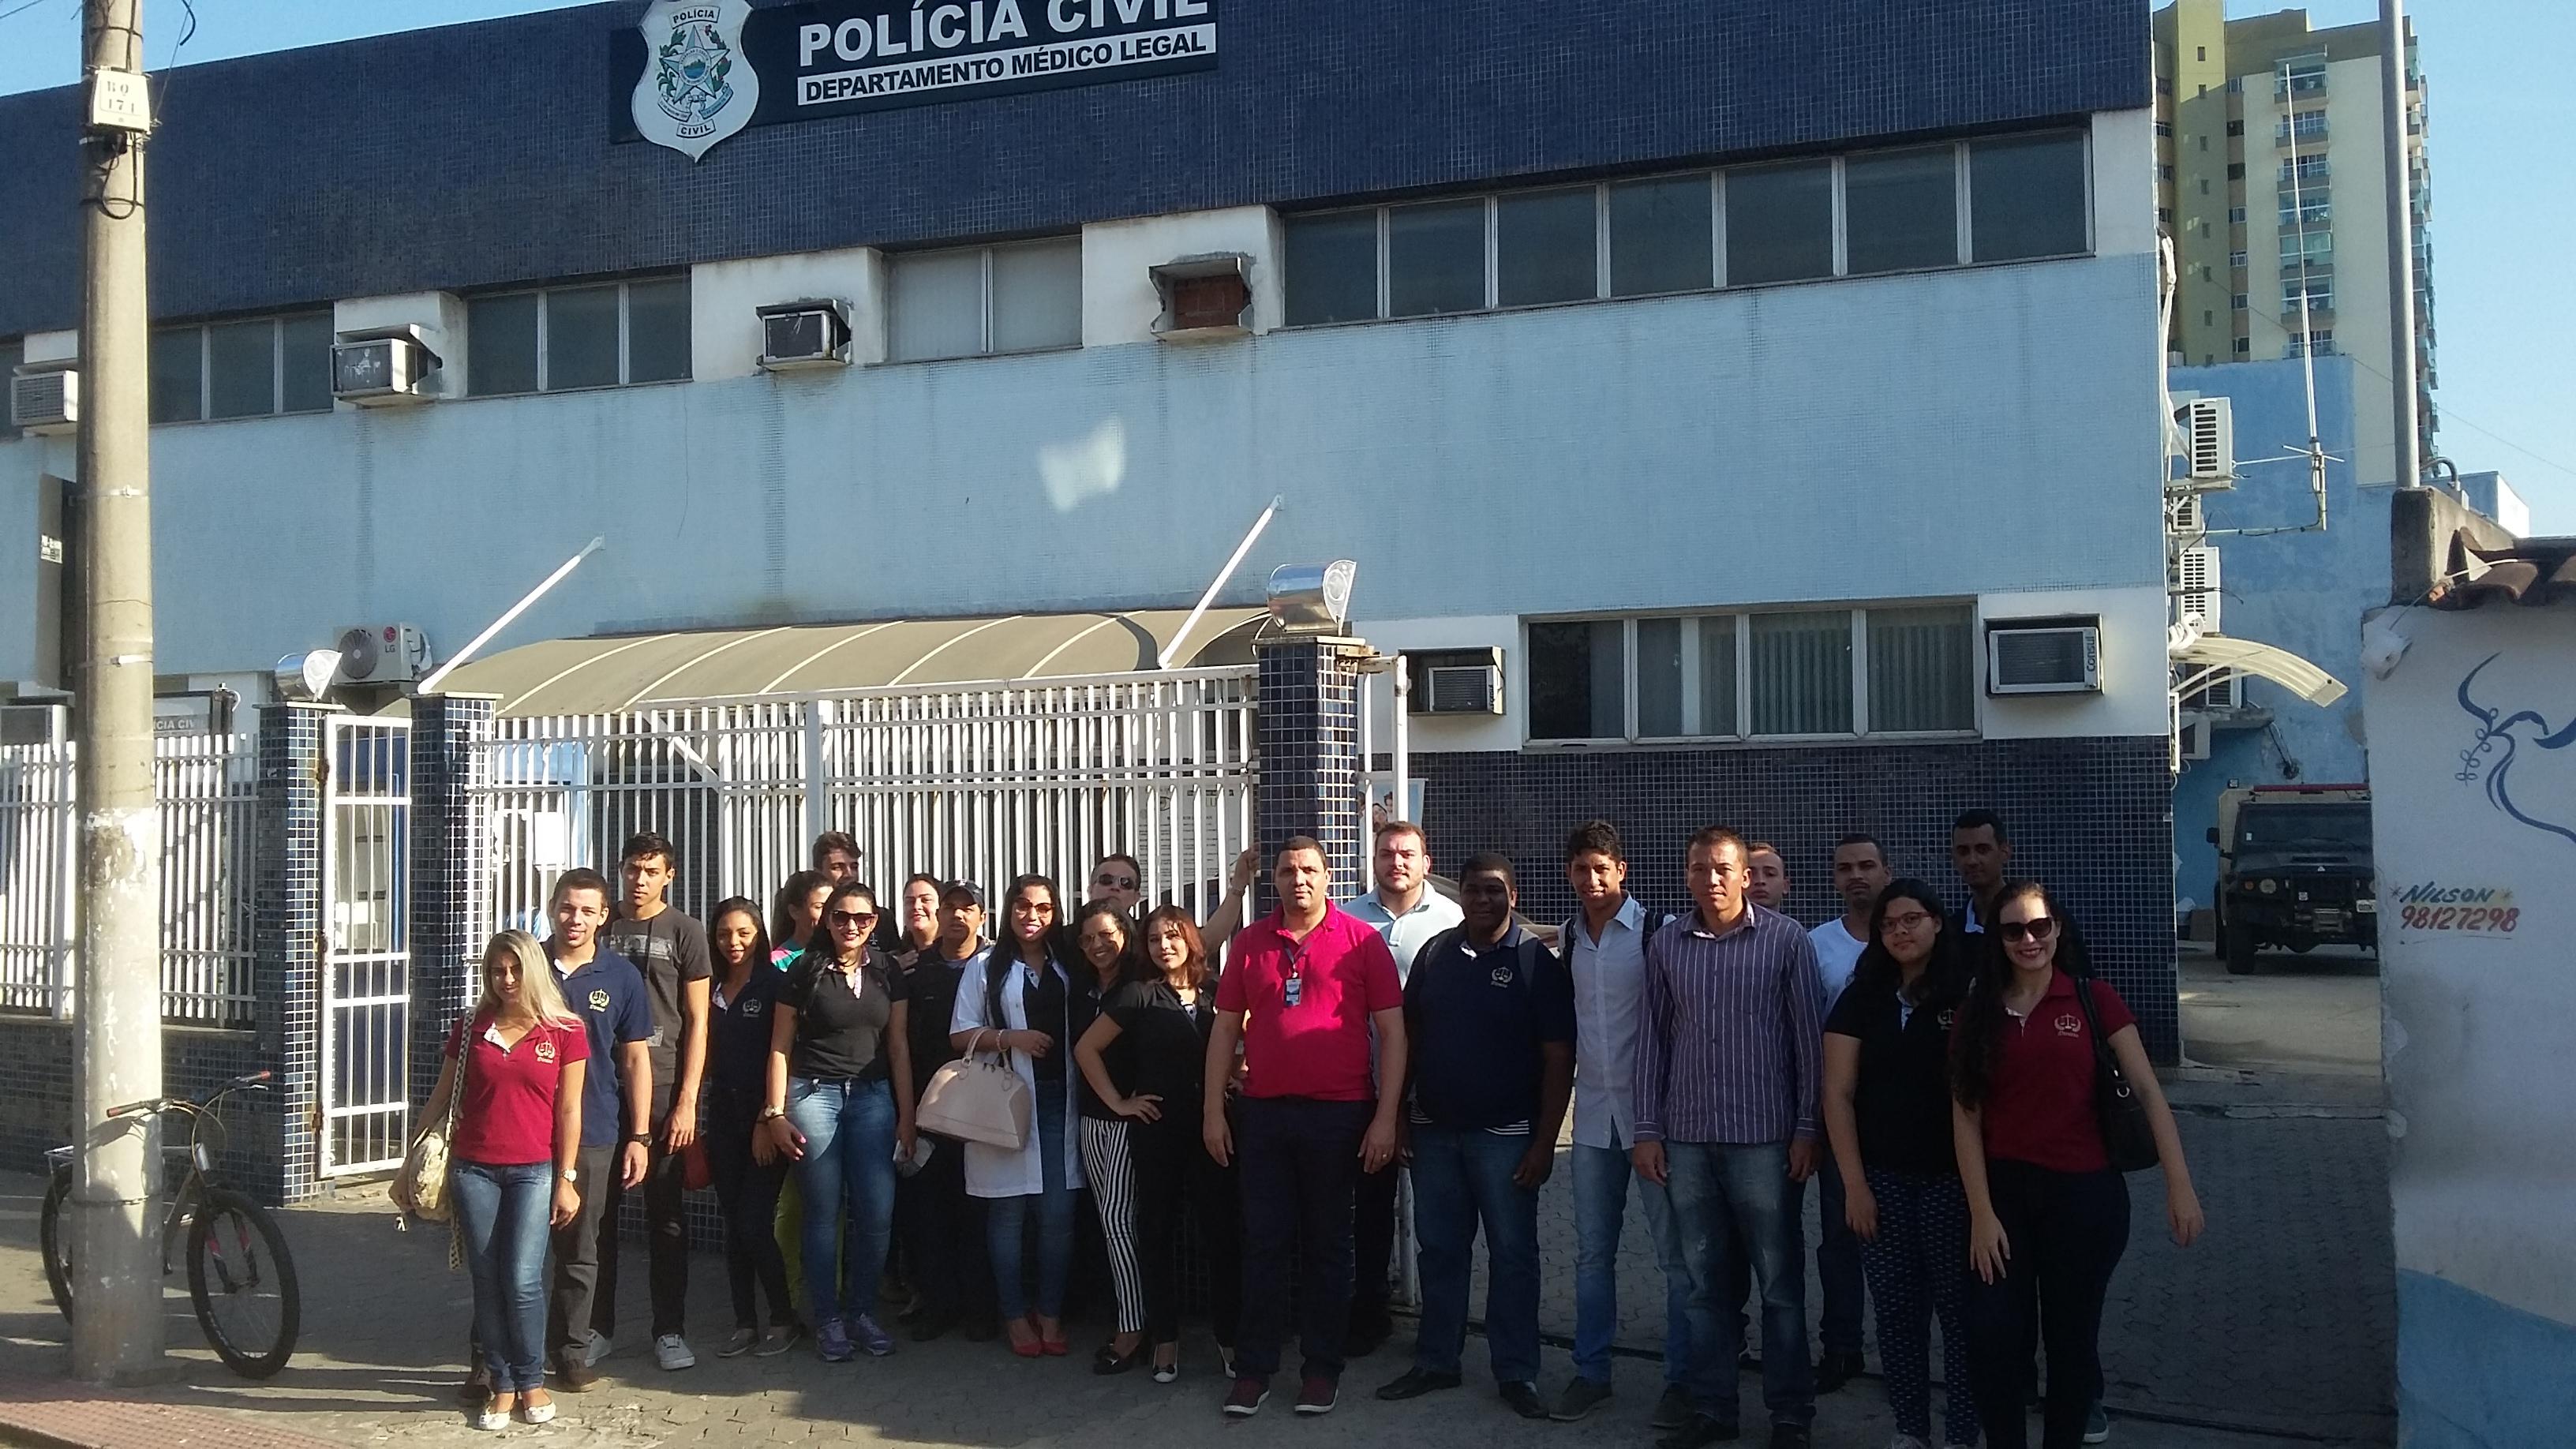 Alunos de Direito da Doctum Vitória fazem visita técnica ao Departamento Médico Legal (DML)